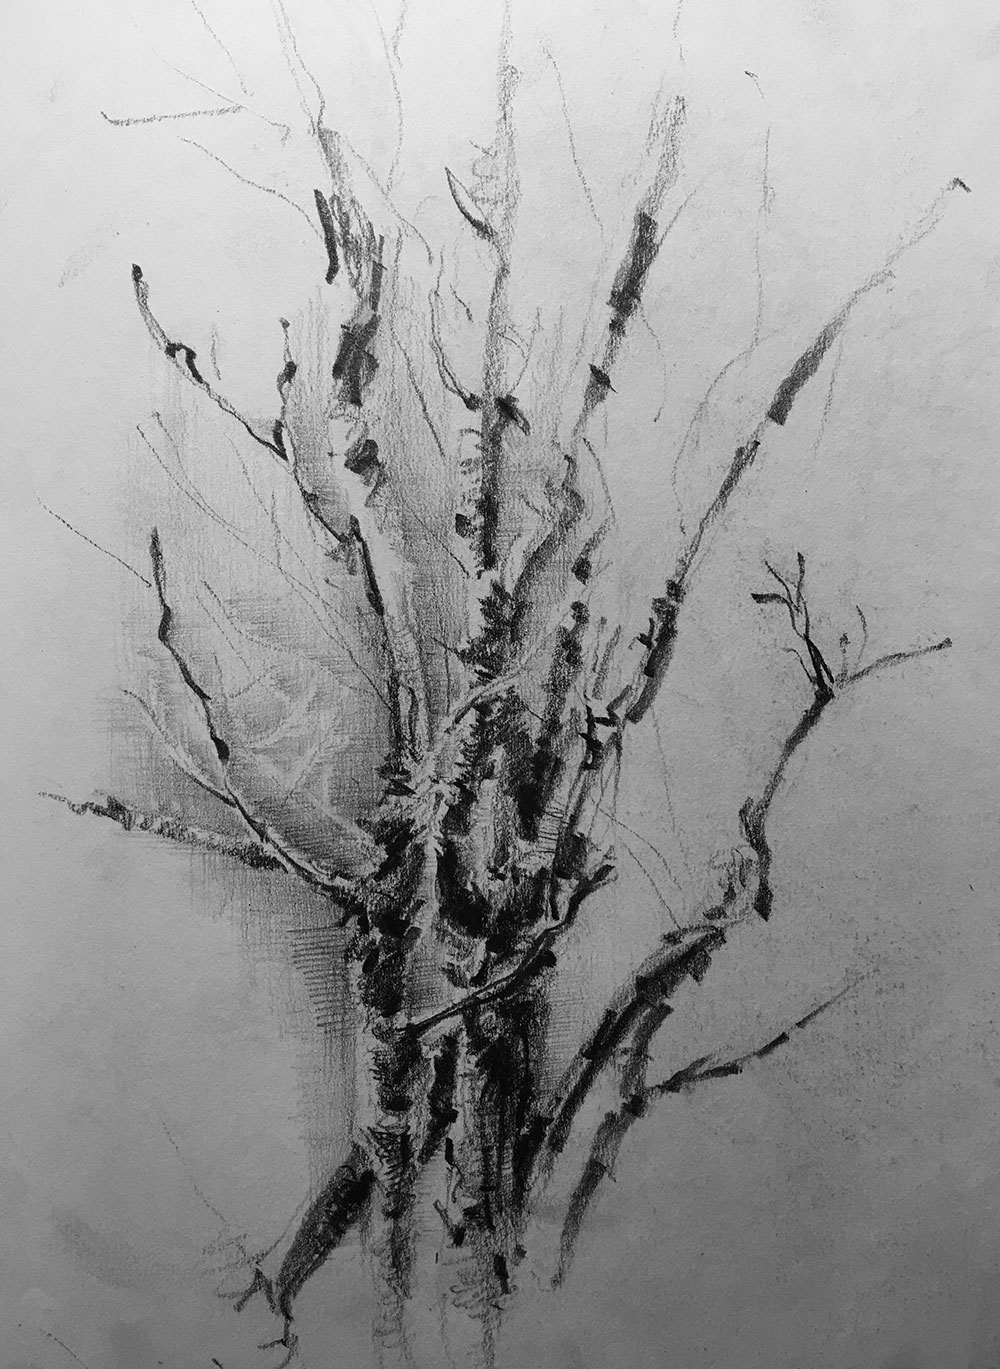 tree-san-clemente